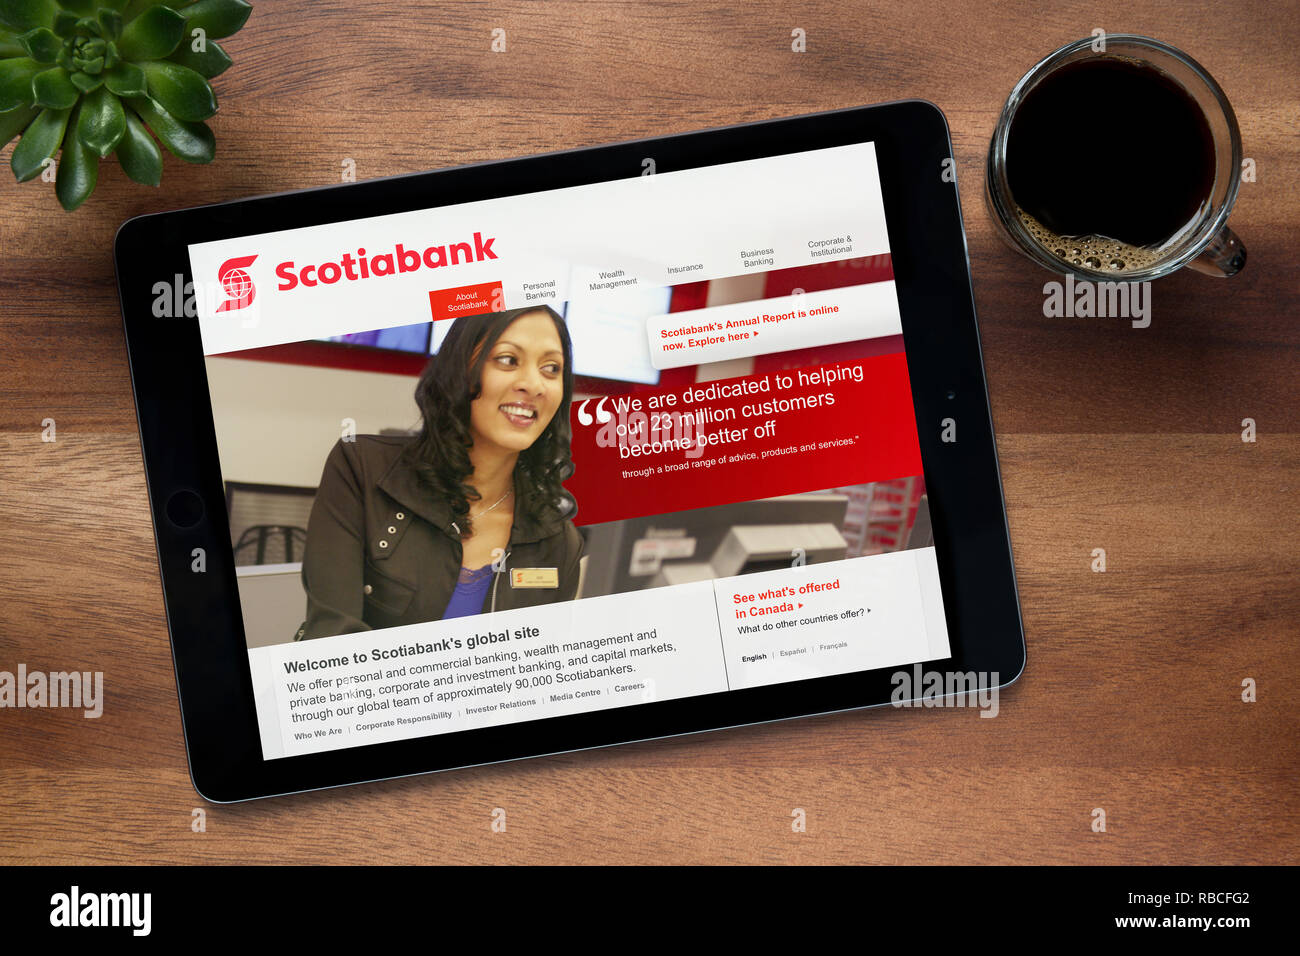 Scotiabank App Stock Photos & Scotiabank App Stock Images